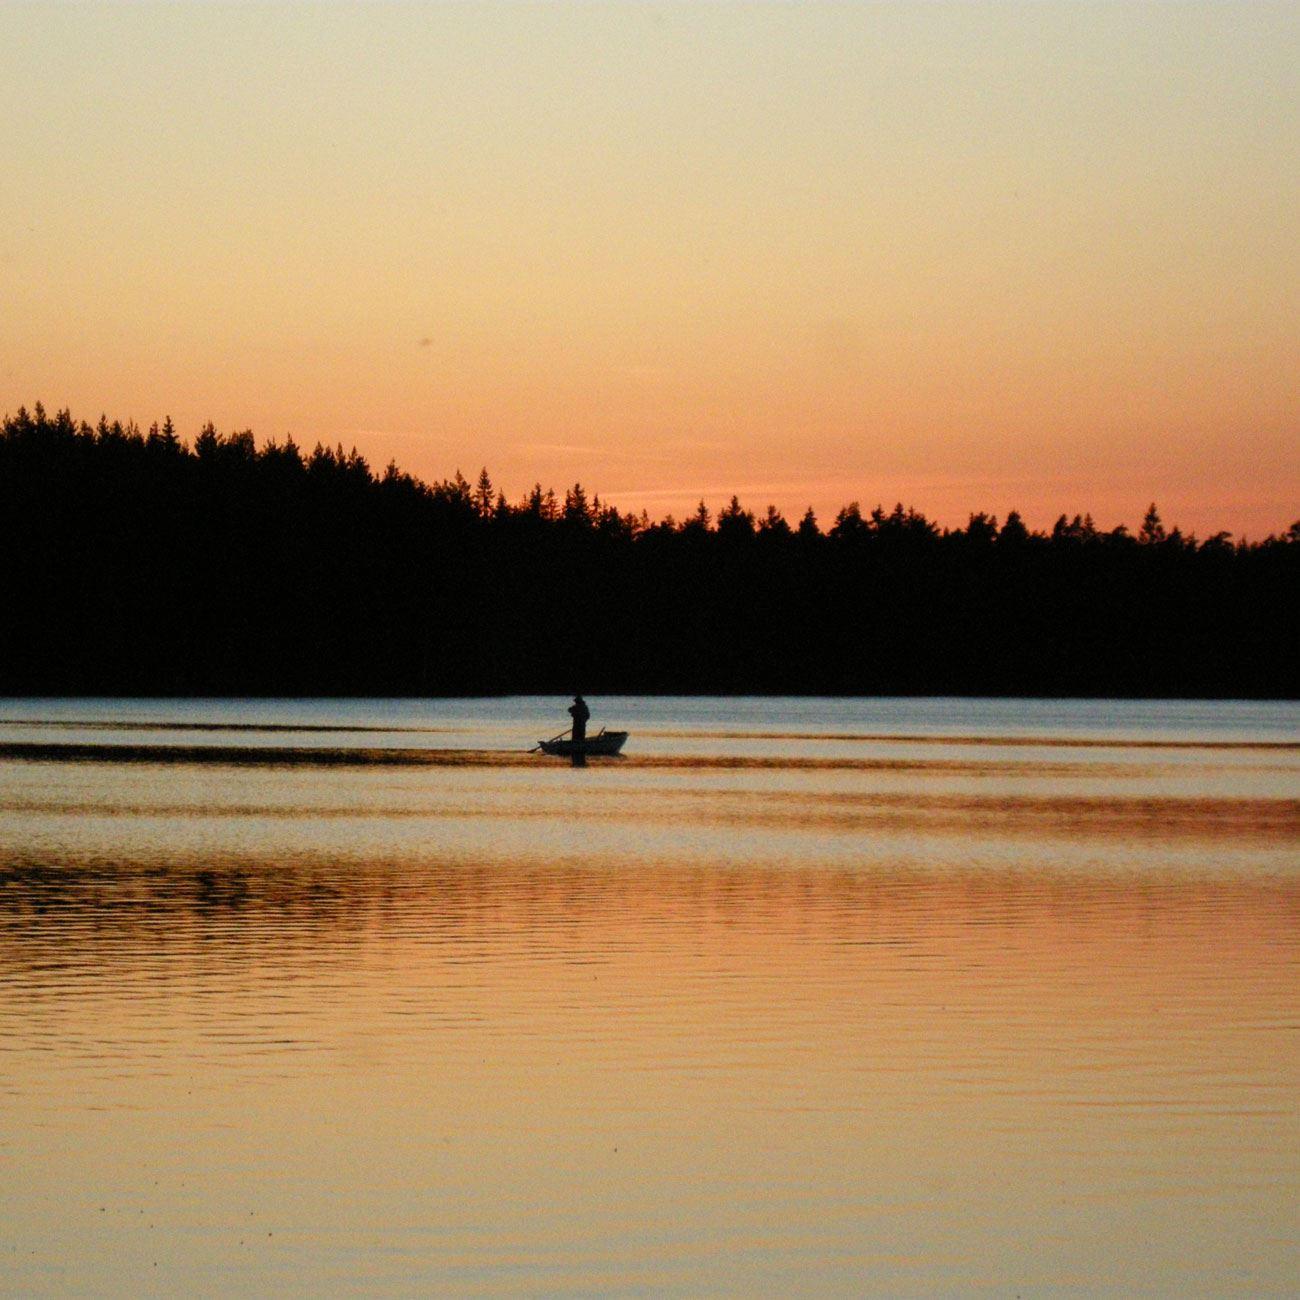 Foto: Adventure of Småland,  © Värnamo Näringsliv AB , Båt på sjön Rusken